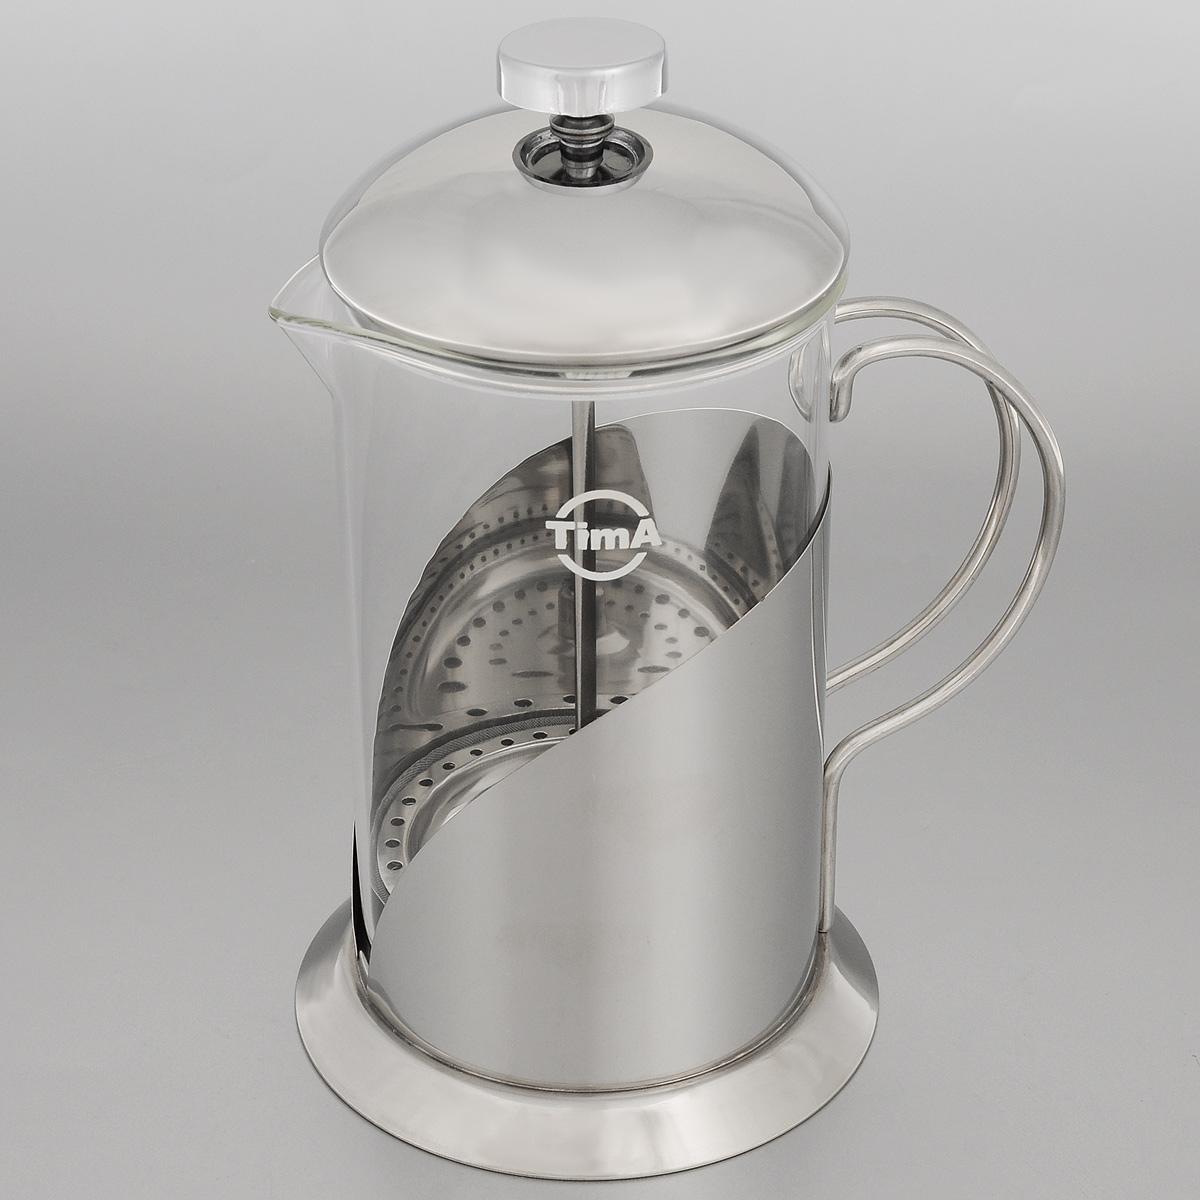 Френч-пресс TimA Тирамису, 800 млFT-800Френч-пресс TimA Тирамису специально предназначен для приготовления кофе или чая методом настаивания и отжима. Преимуществ, которыми обладает френч-пресс перед обычным заварником, немало. Это удобство: засыпав чай под поршень и закрыв конструкцию крышкой, вы можете после заваривания разливать чай без использования дополнительных фильтров и других приспособлений. Кроме того, френч-пресс на столе смотрится очень элегантно - все участники чаепития смогут не только насладиться безупречным вкусом напитка, но и наблюдать процесс заваривания, раскрытия вкуса и цвета чая, высвобождения его аромата. Френч-пресс позволяет полностью извлечь полезные вещества из травяных чаев. Можно мыть в посудомоечной машине. Диаметр основания: 12 см. Диаметр (по верхнему краю): 10 см. Высота френч-пресса: 22 см.